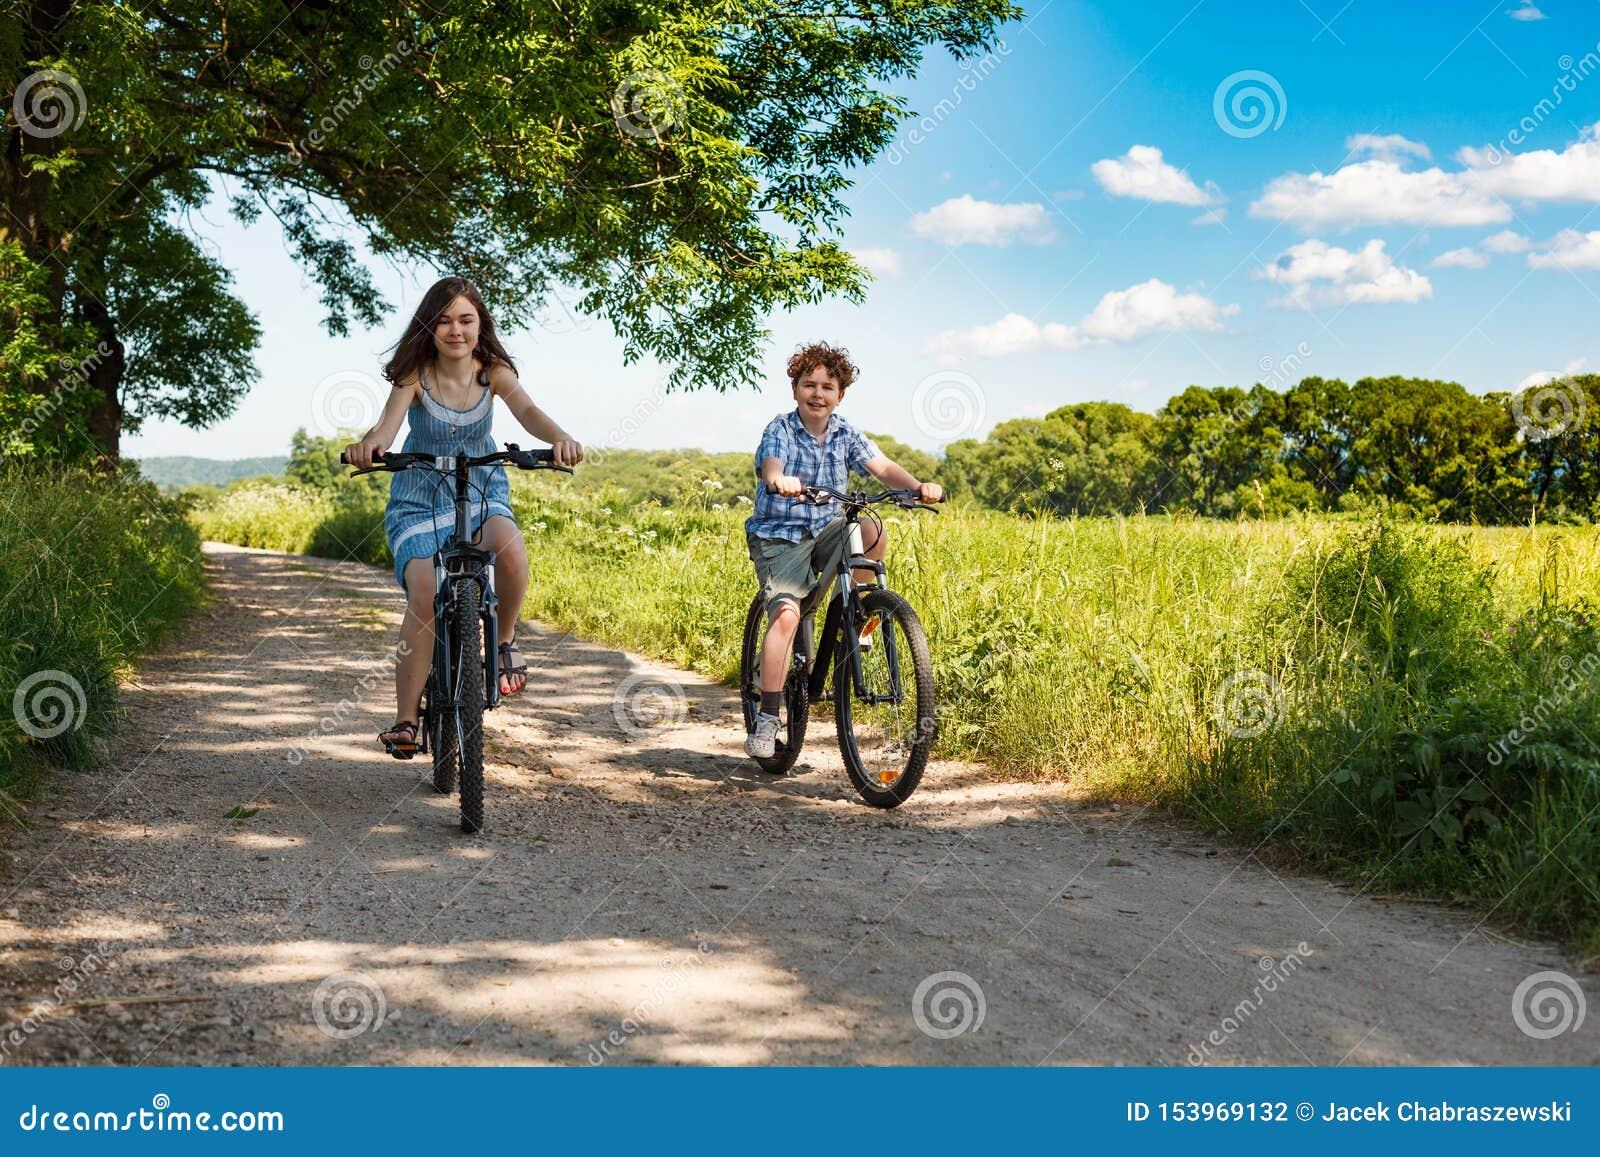 El biking urbano - niños que montan las bicis